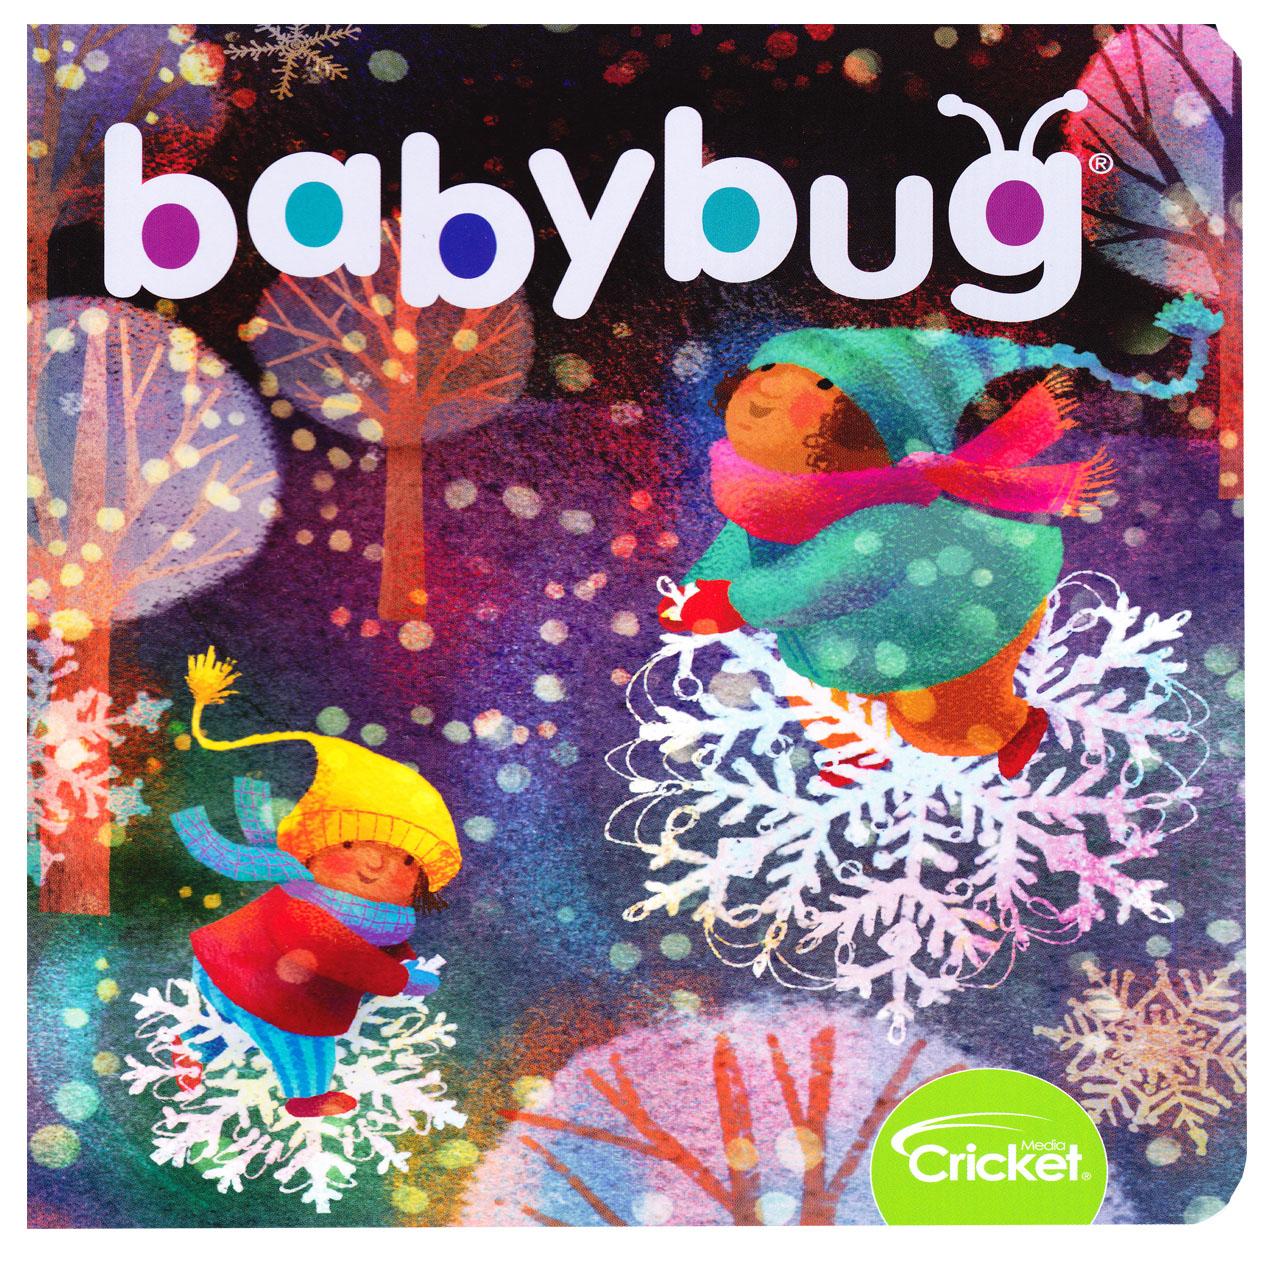 مجله Babybug دسامبر 2019